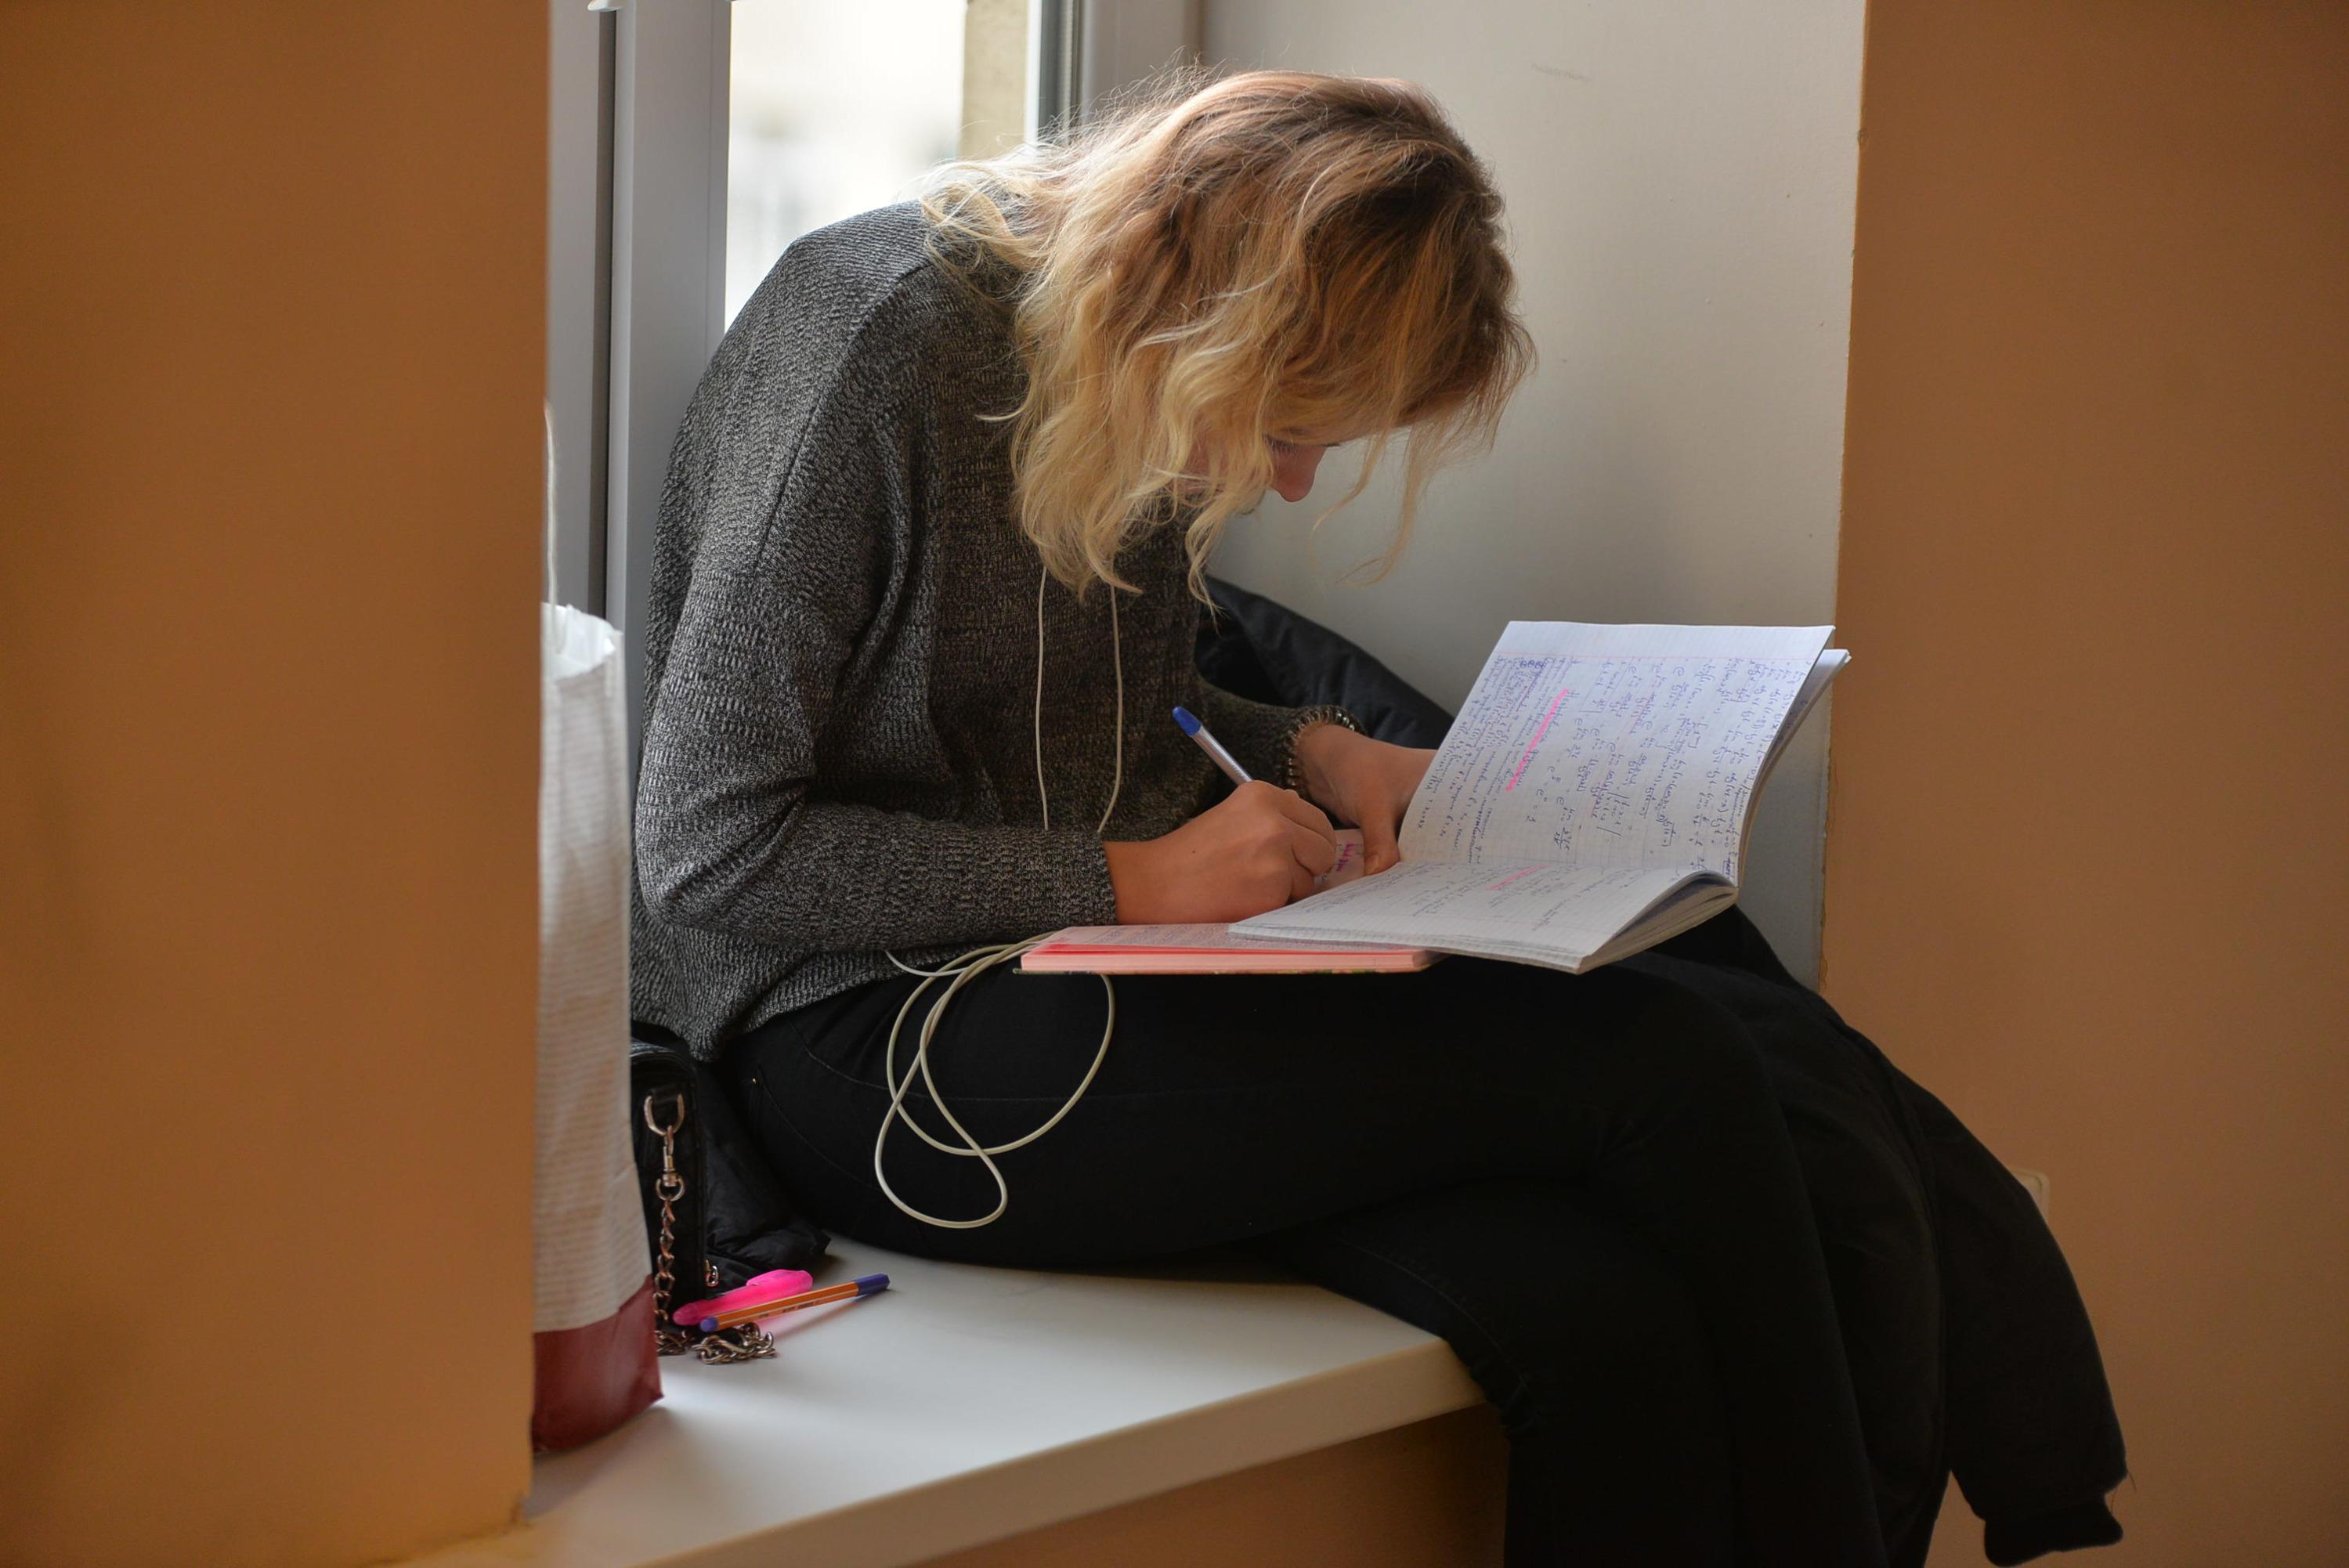 Самые доступные по цене специальности в УрФУ стоят 138 700 рублей в год — это, например, математика, социология, филология и ряд других